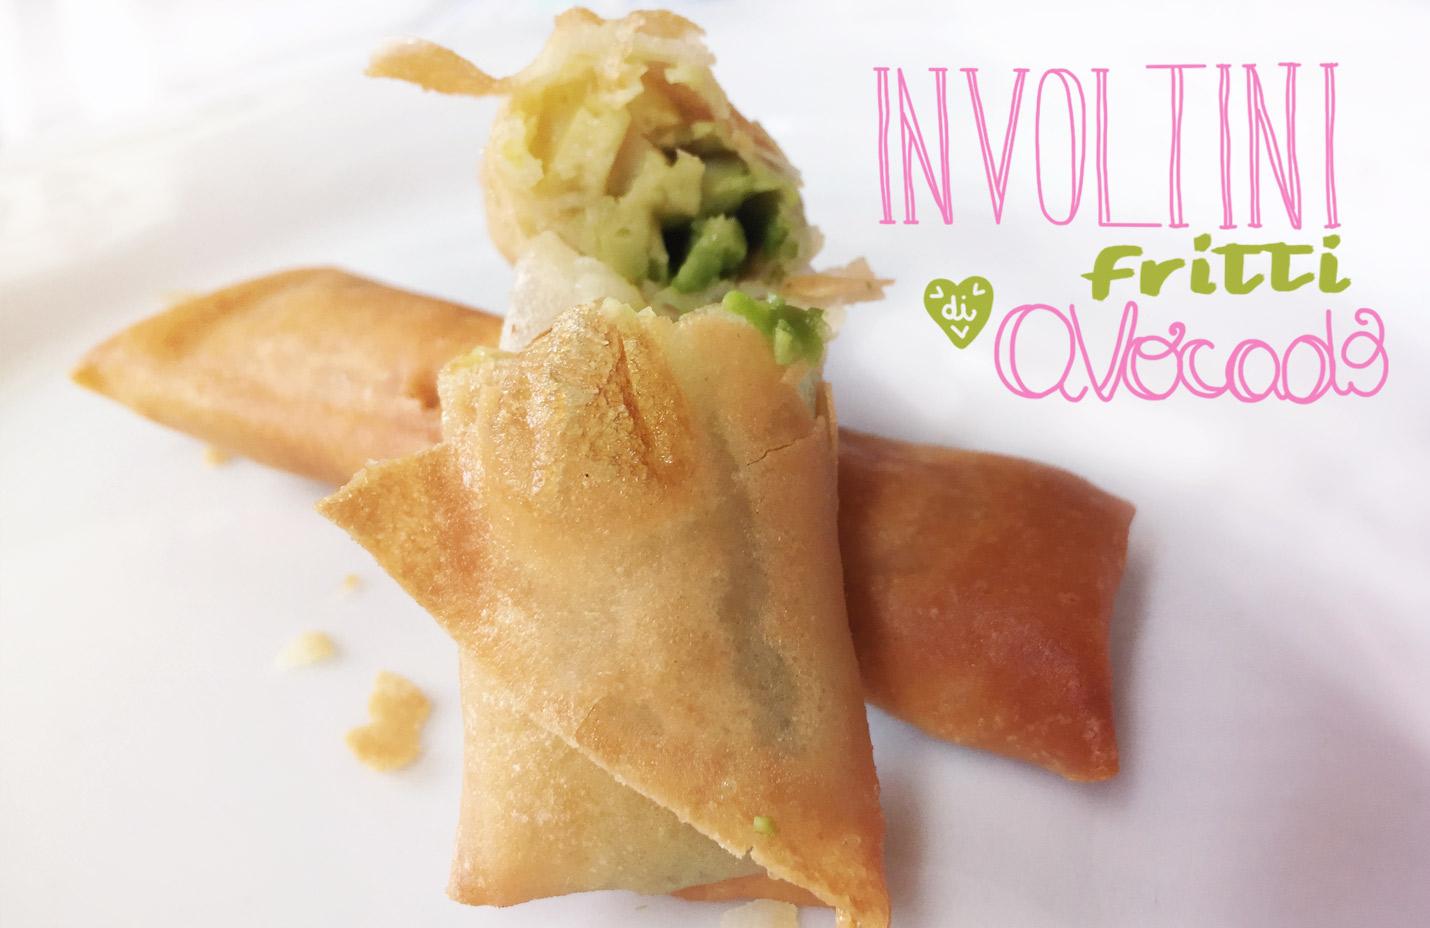 [RICETTA] Involtini fritti di avocado